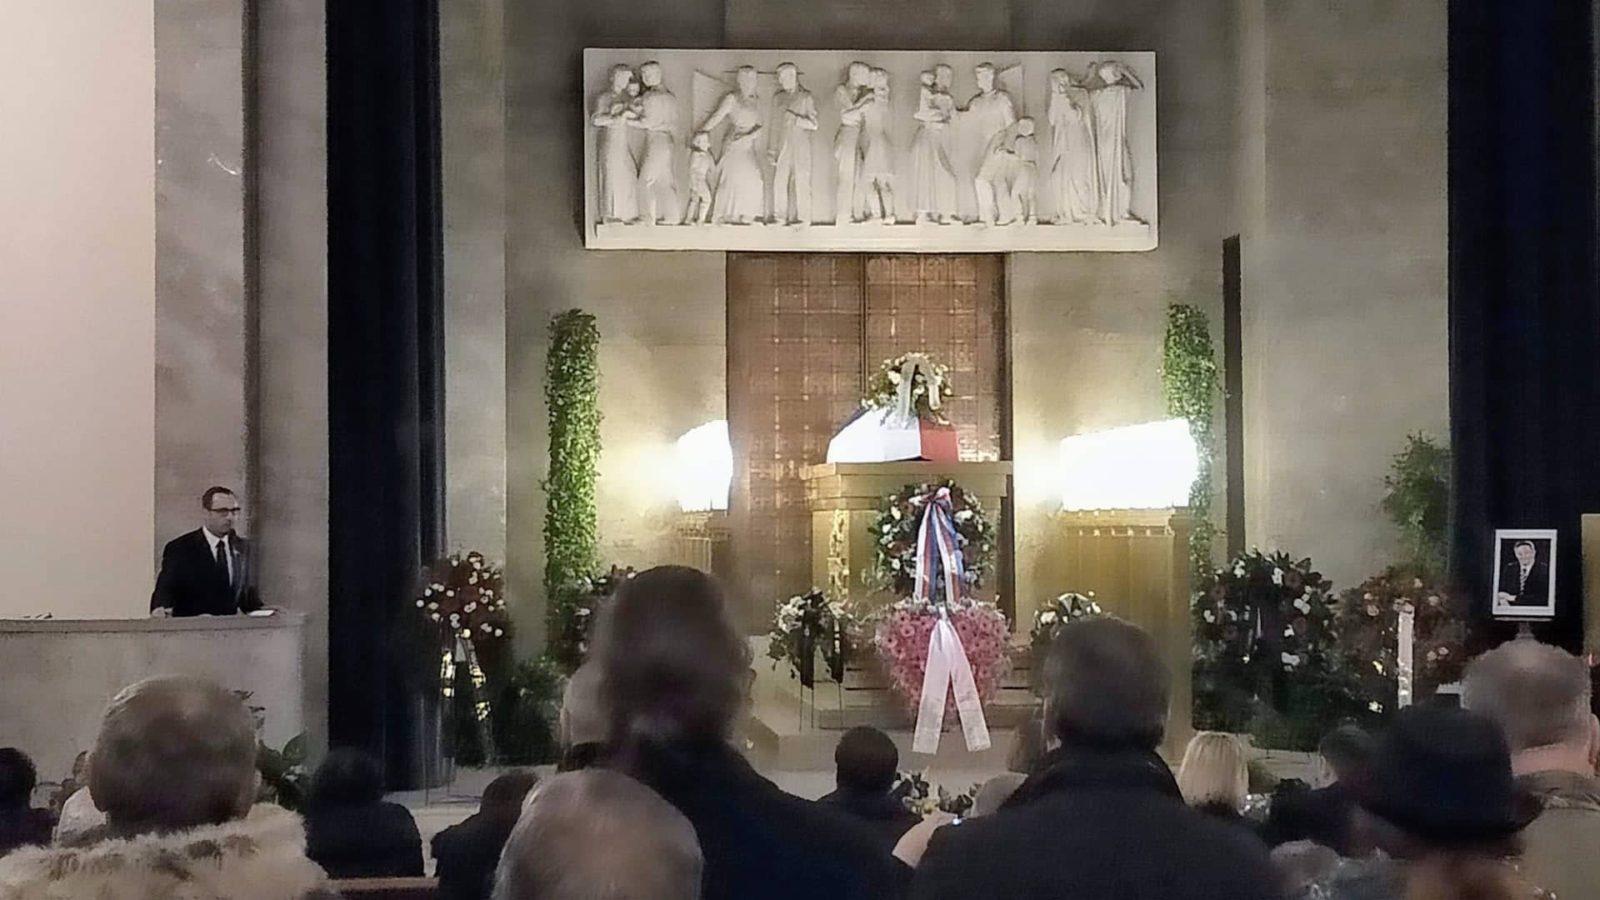 Smuteční řeč ABB na pohřbu Jana Skácela - NÁRODNÍ DEMOKRACIE